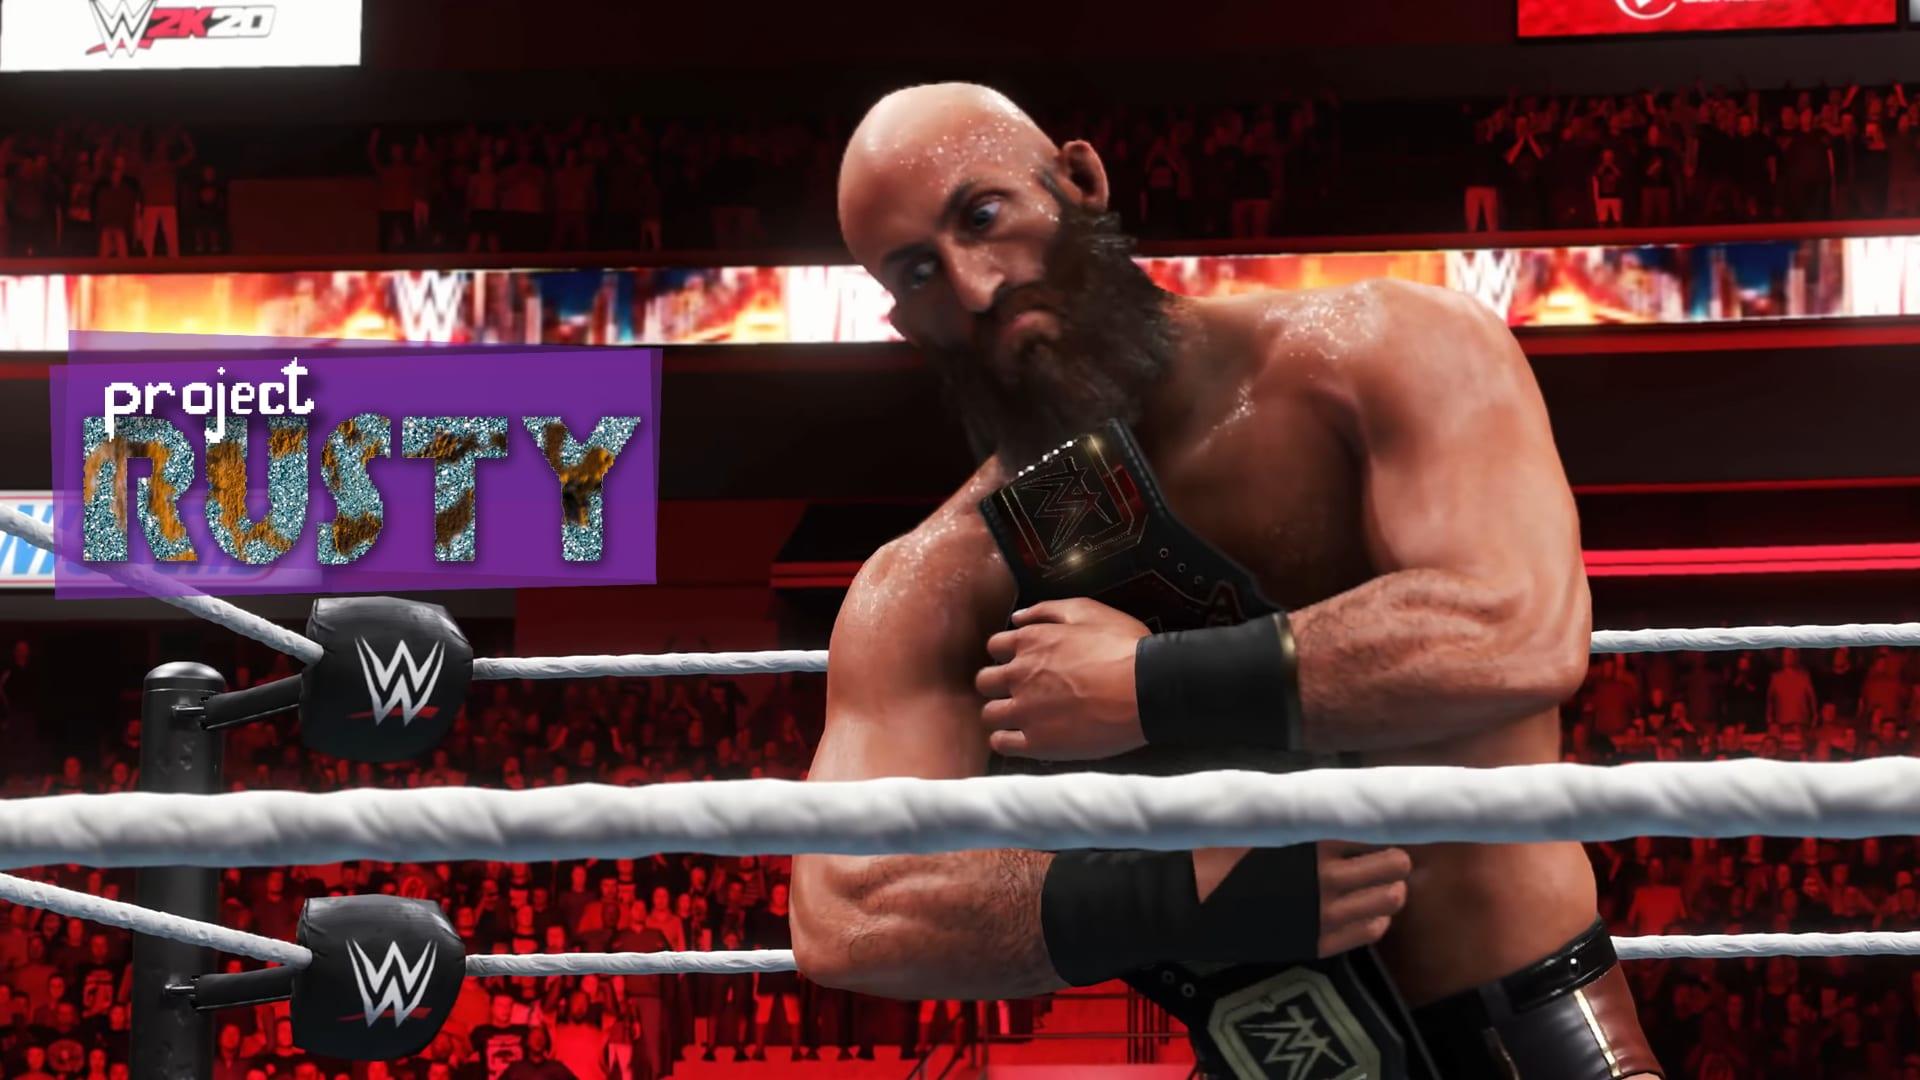 Project Rusty WWE 2k20